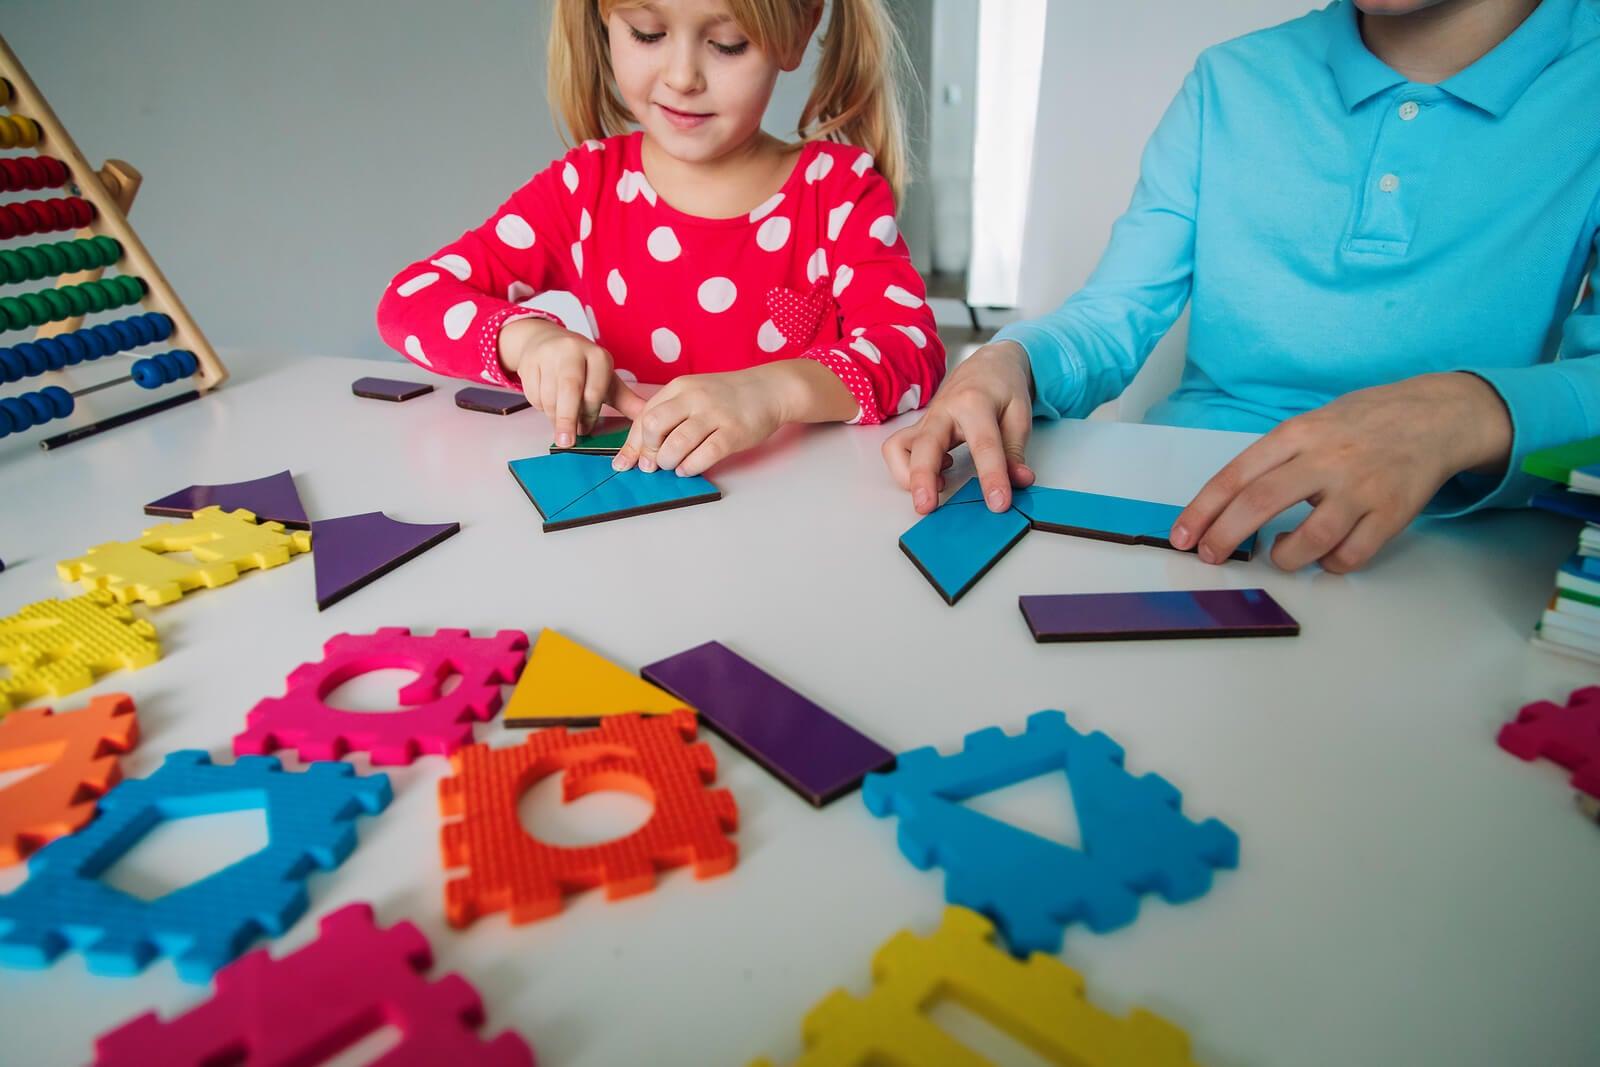 Niños aprendiendo matemáticas jugando.